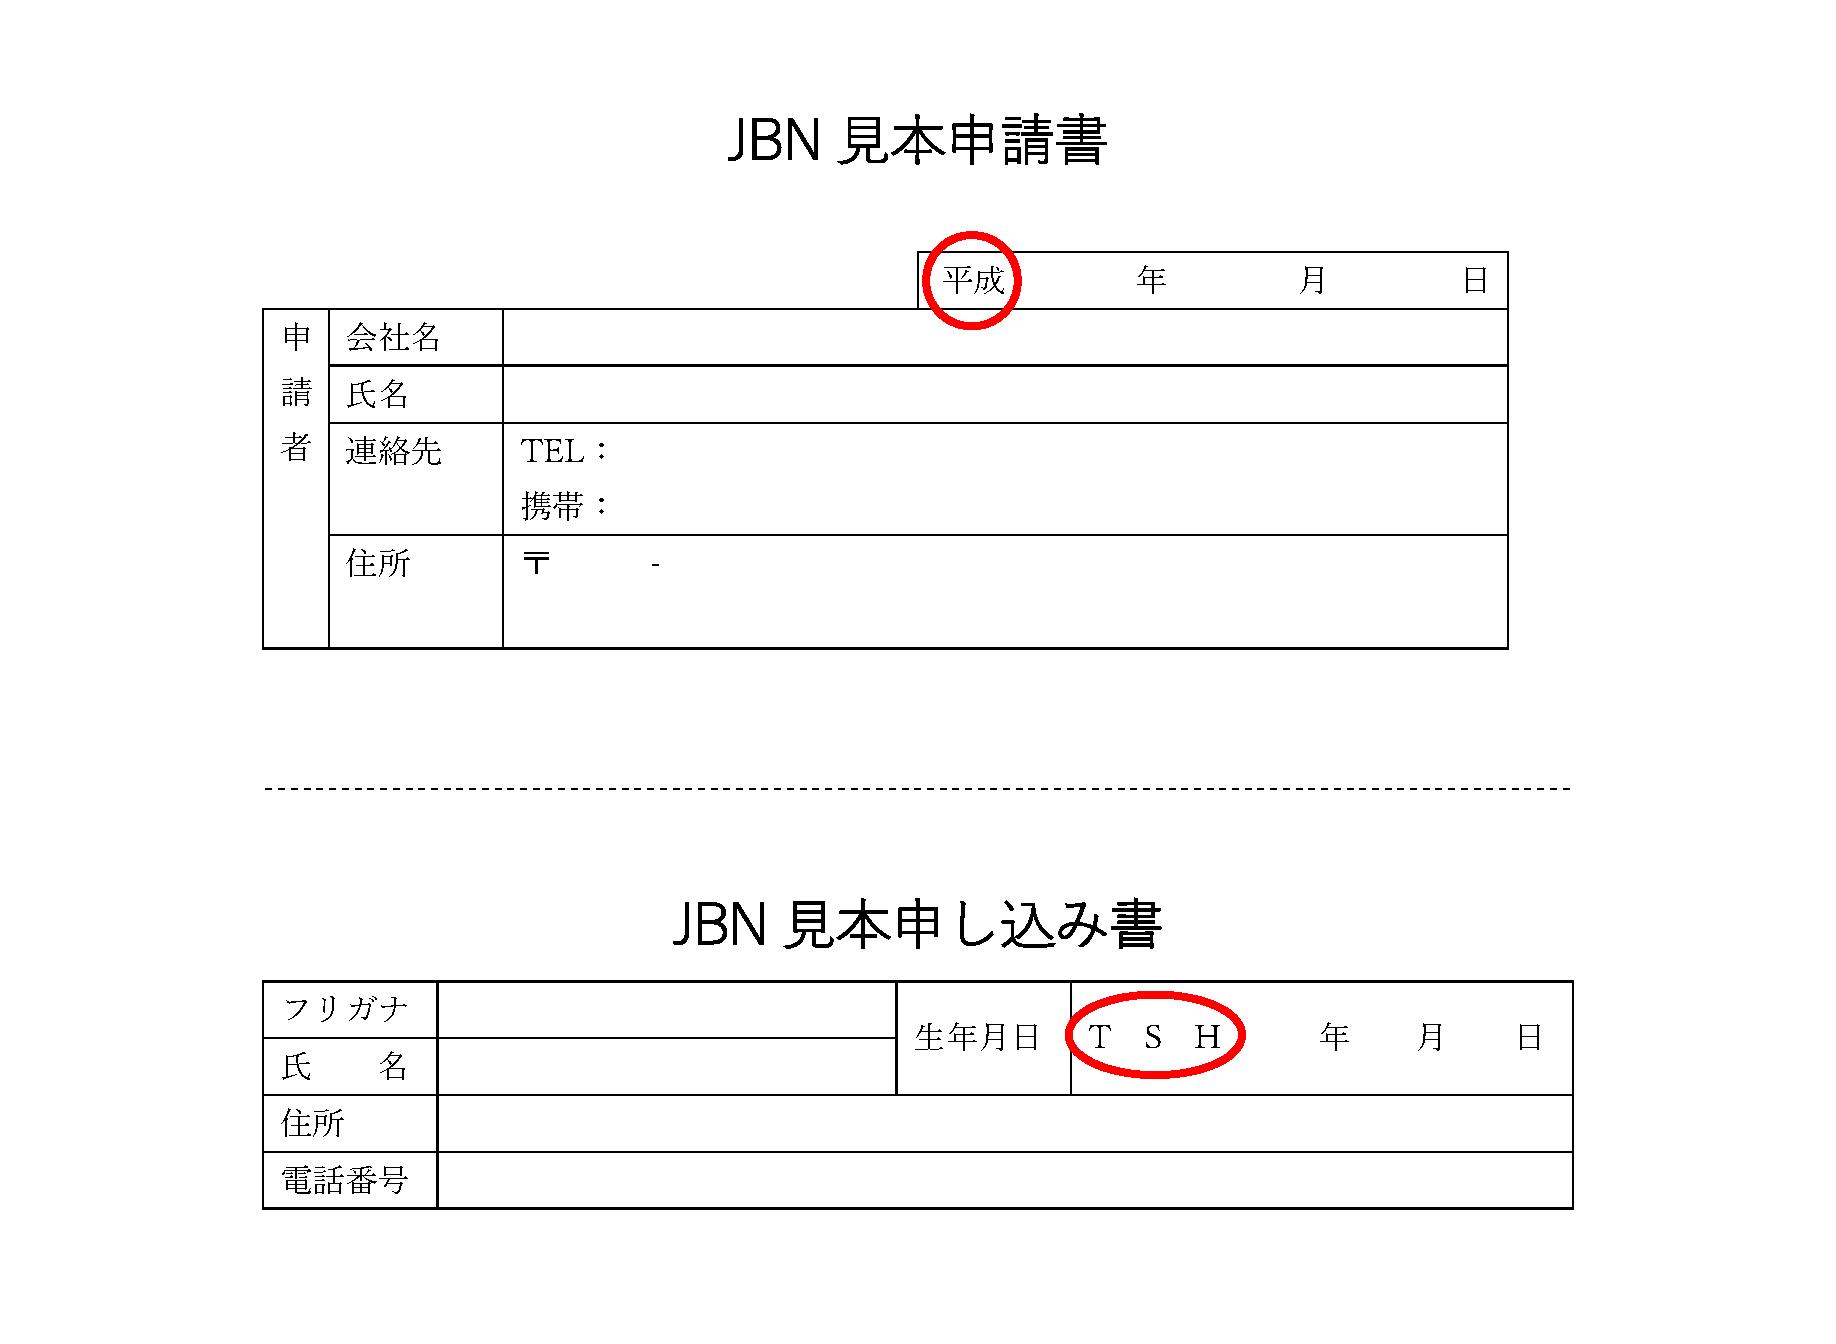 JBN見本申請書-1